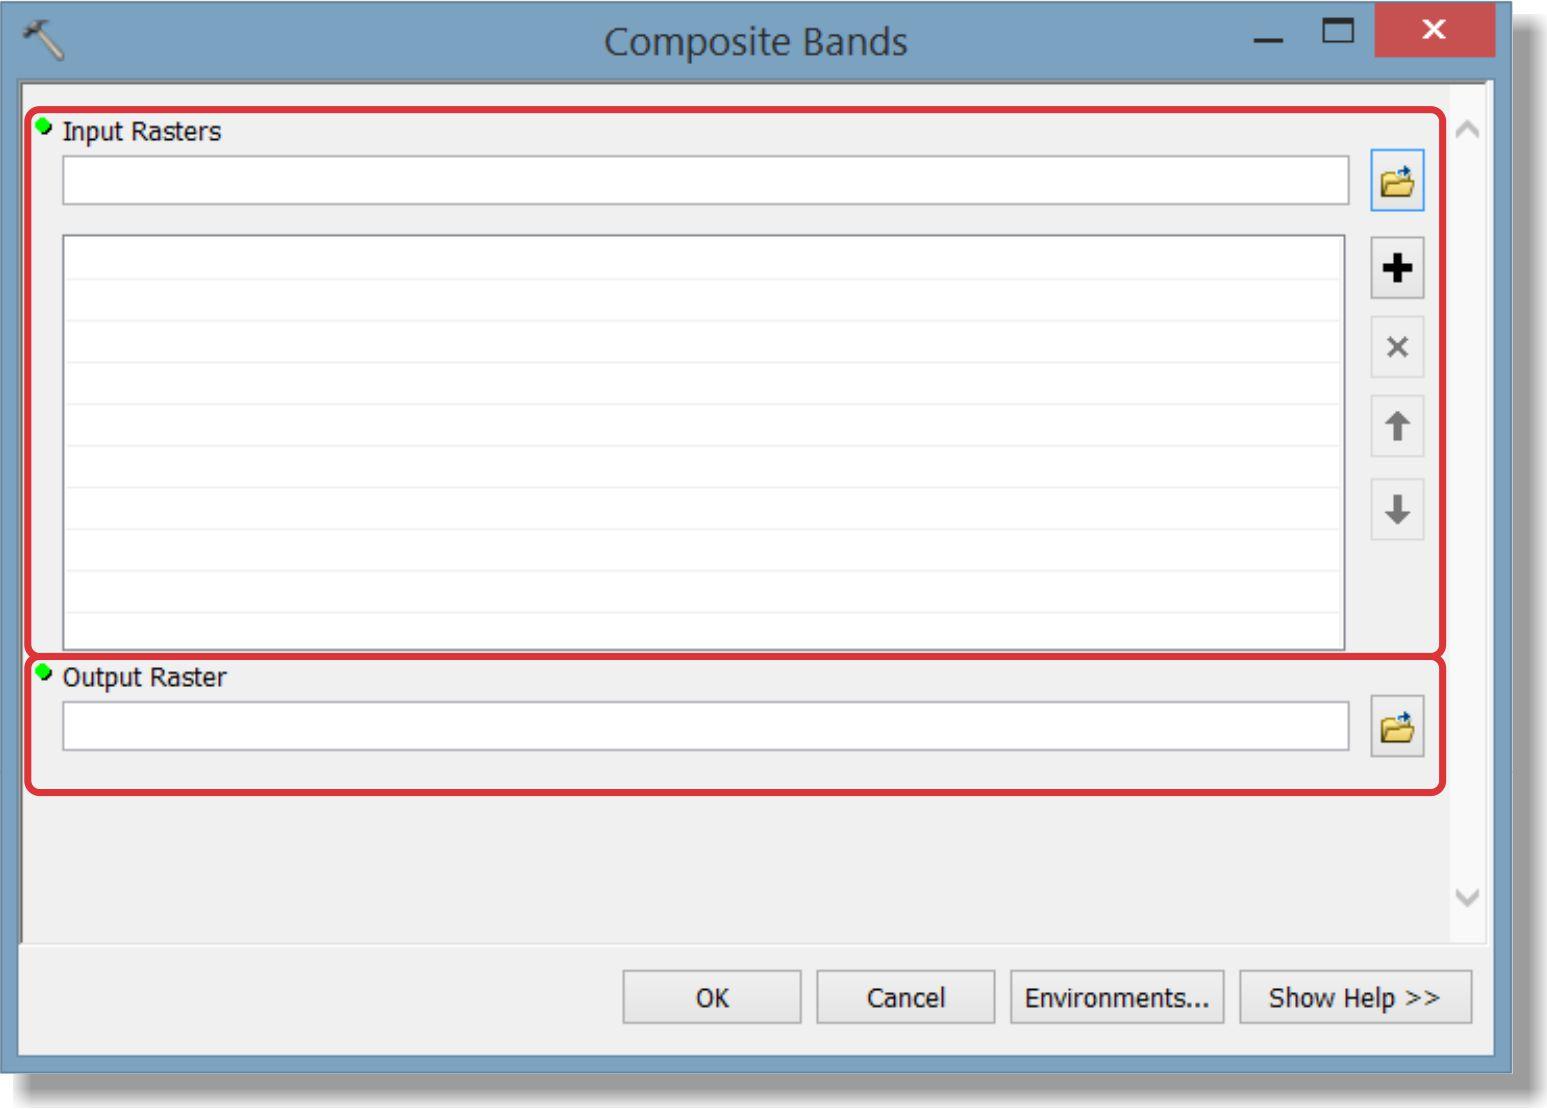 artigo 4 Artigo: Decifrando a ferramenta Composite Bands do ArcGIS